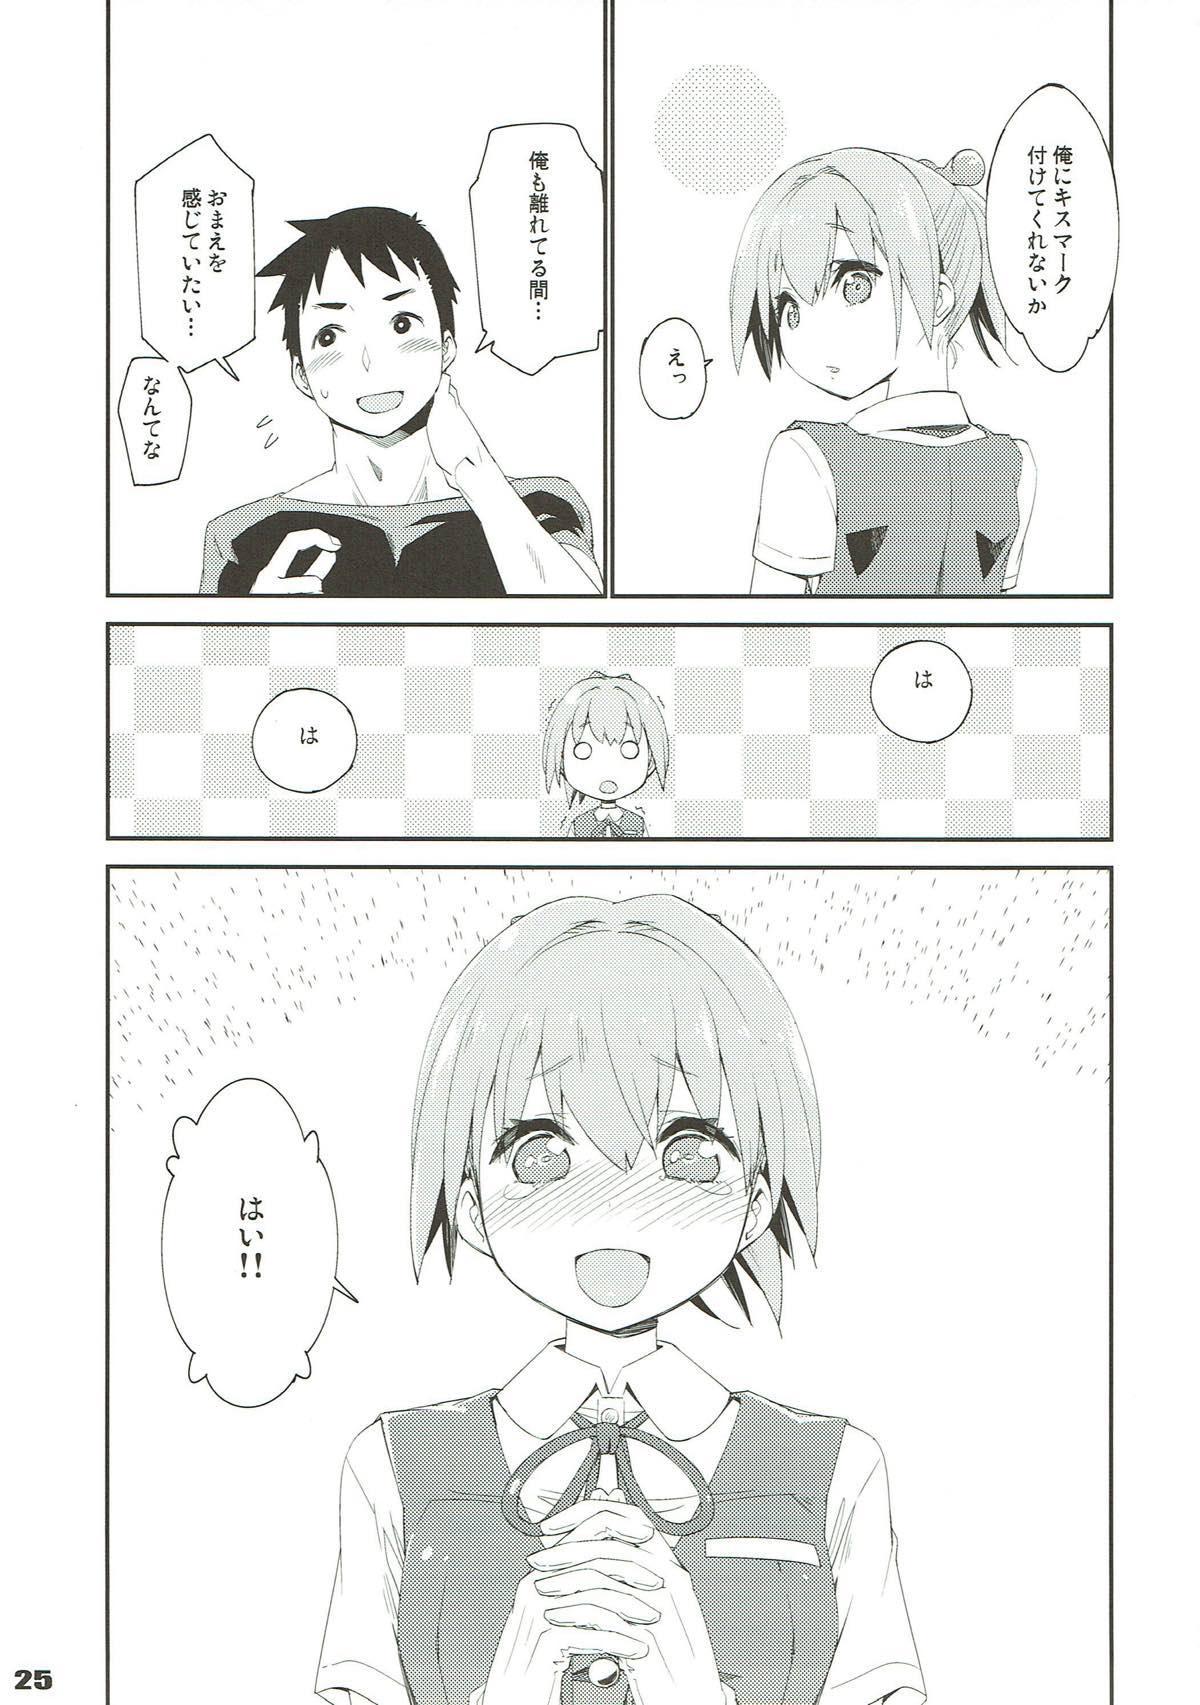 Shiranui wa Teitoku de... 21